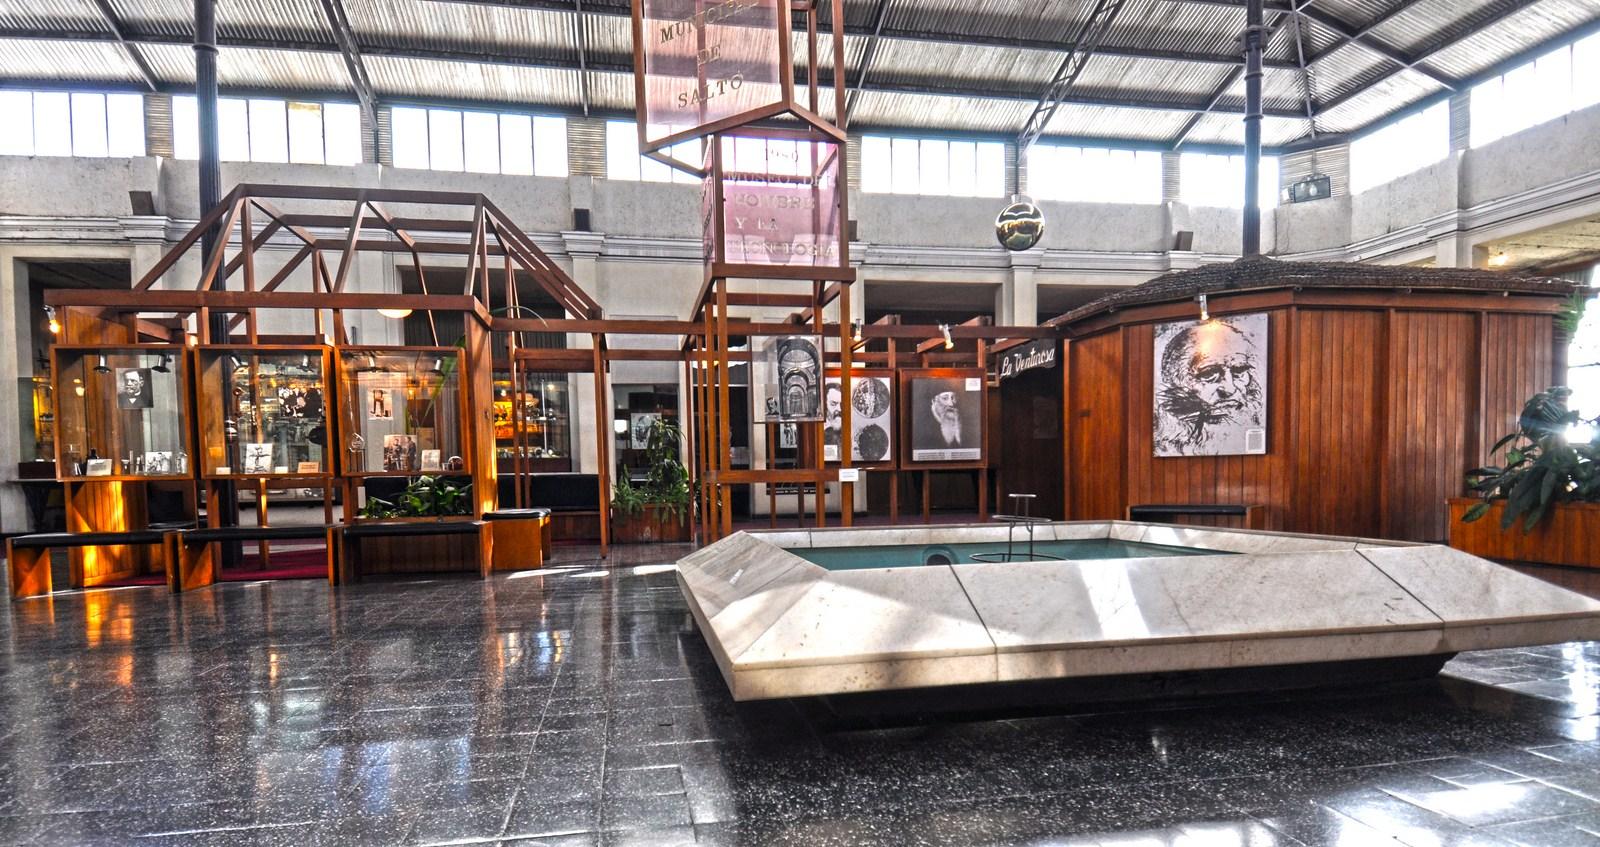 Intendencia De Salto Sitios De Interes # Muebles Rolando Herrera